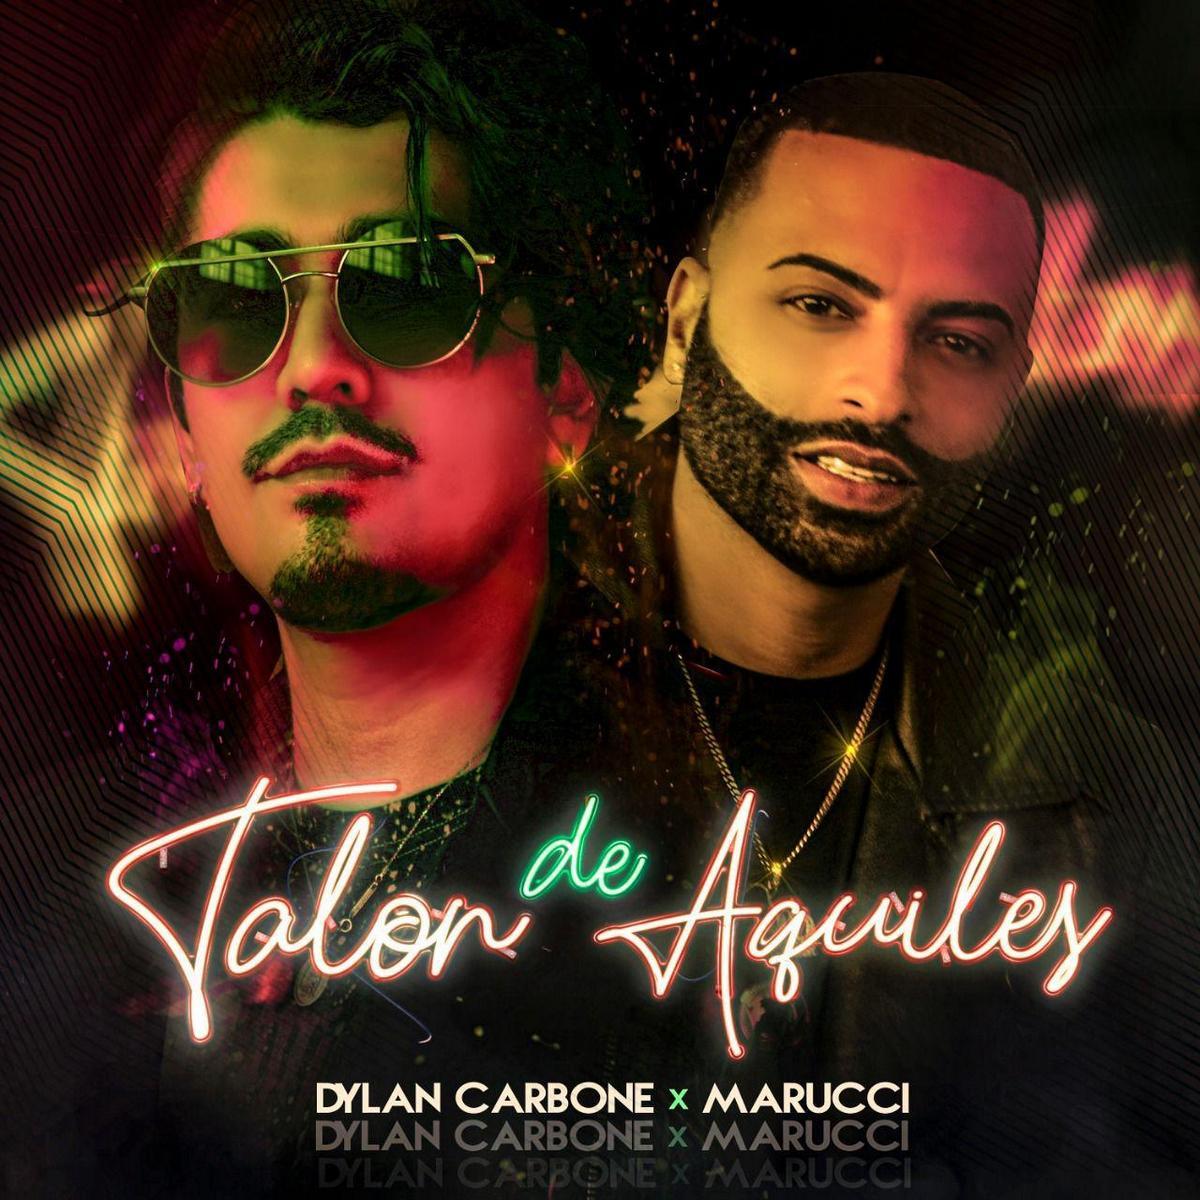 """""""Talón de Aquiles"""" el nuevo sencillo del cantautor de R&B latino Dylan Carbone ft. Marucci"""